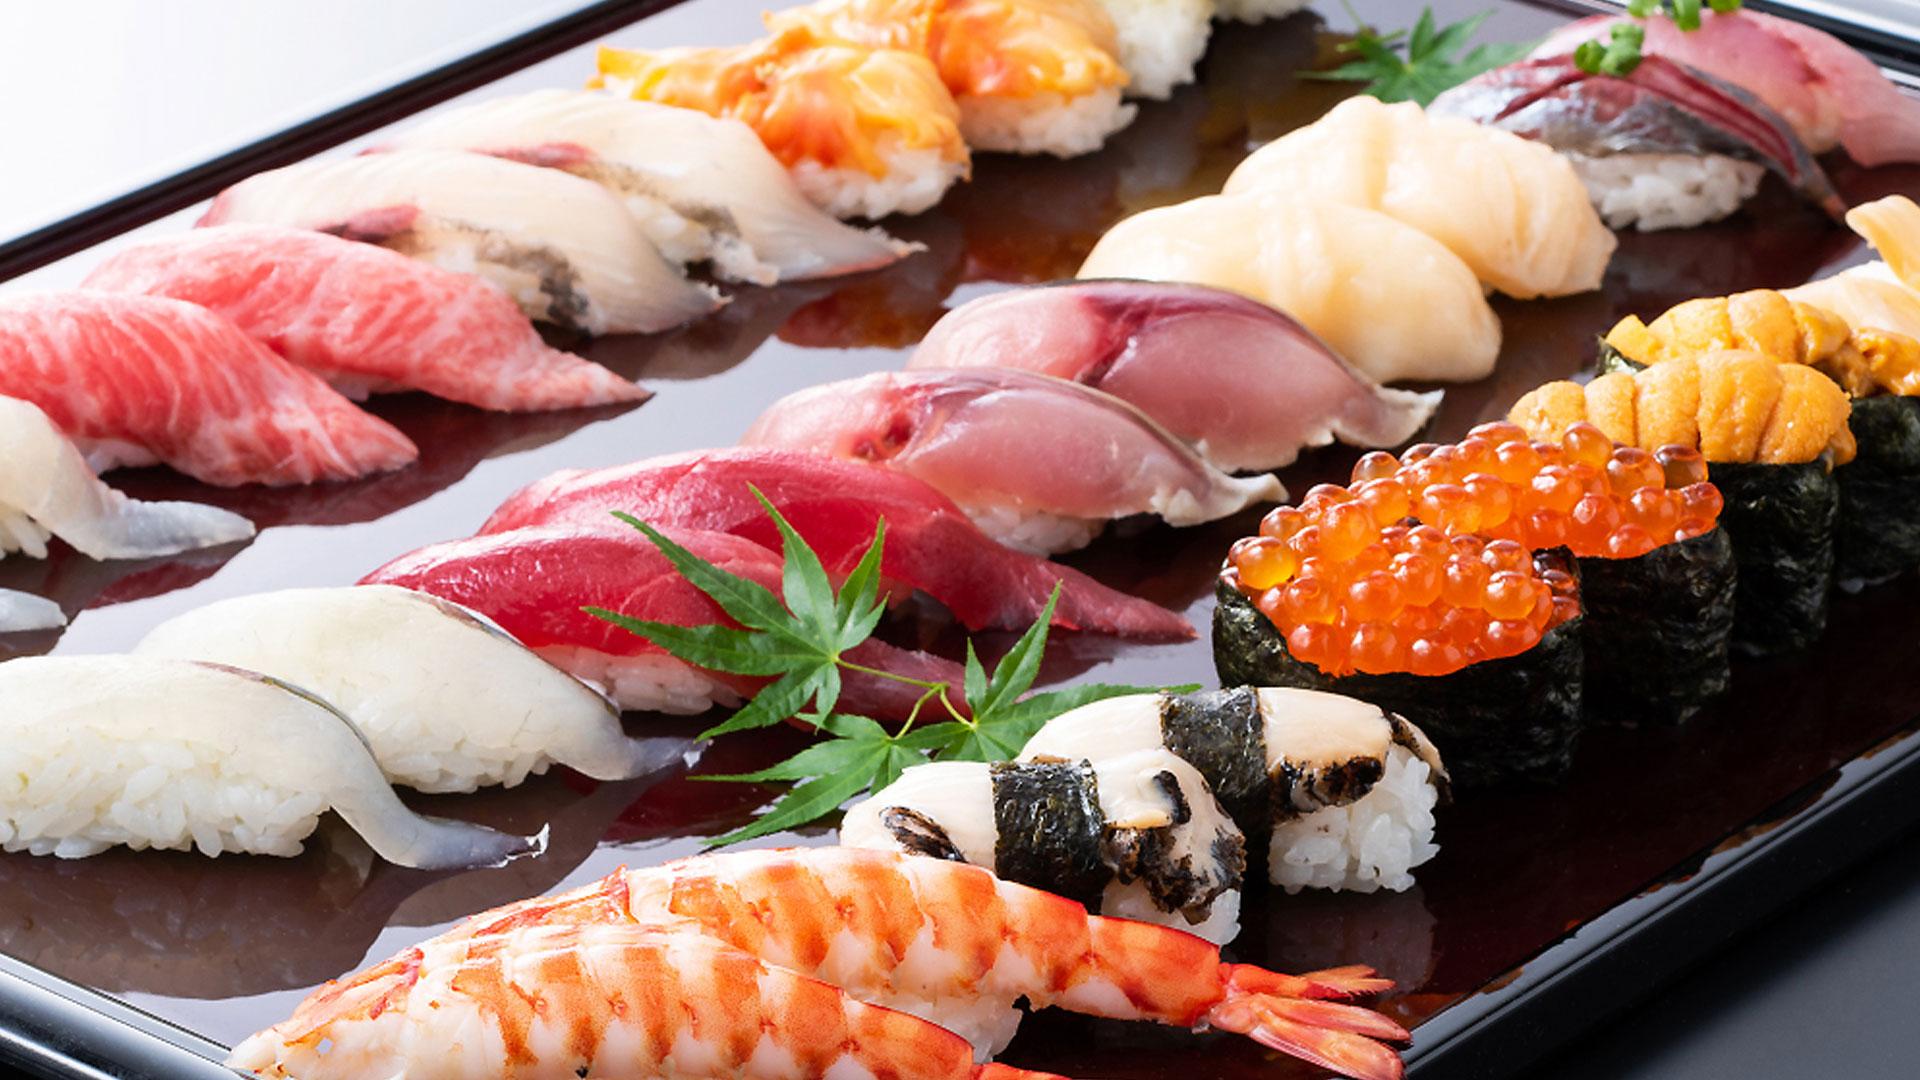 【時間無制限「築地日本海」高級寿司が食べ放題&飲み放題】他、新着トレンド4月23日